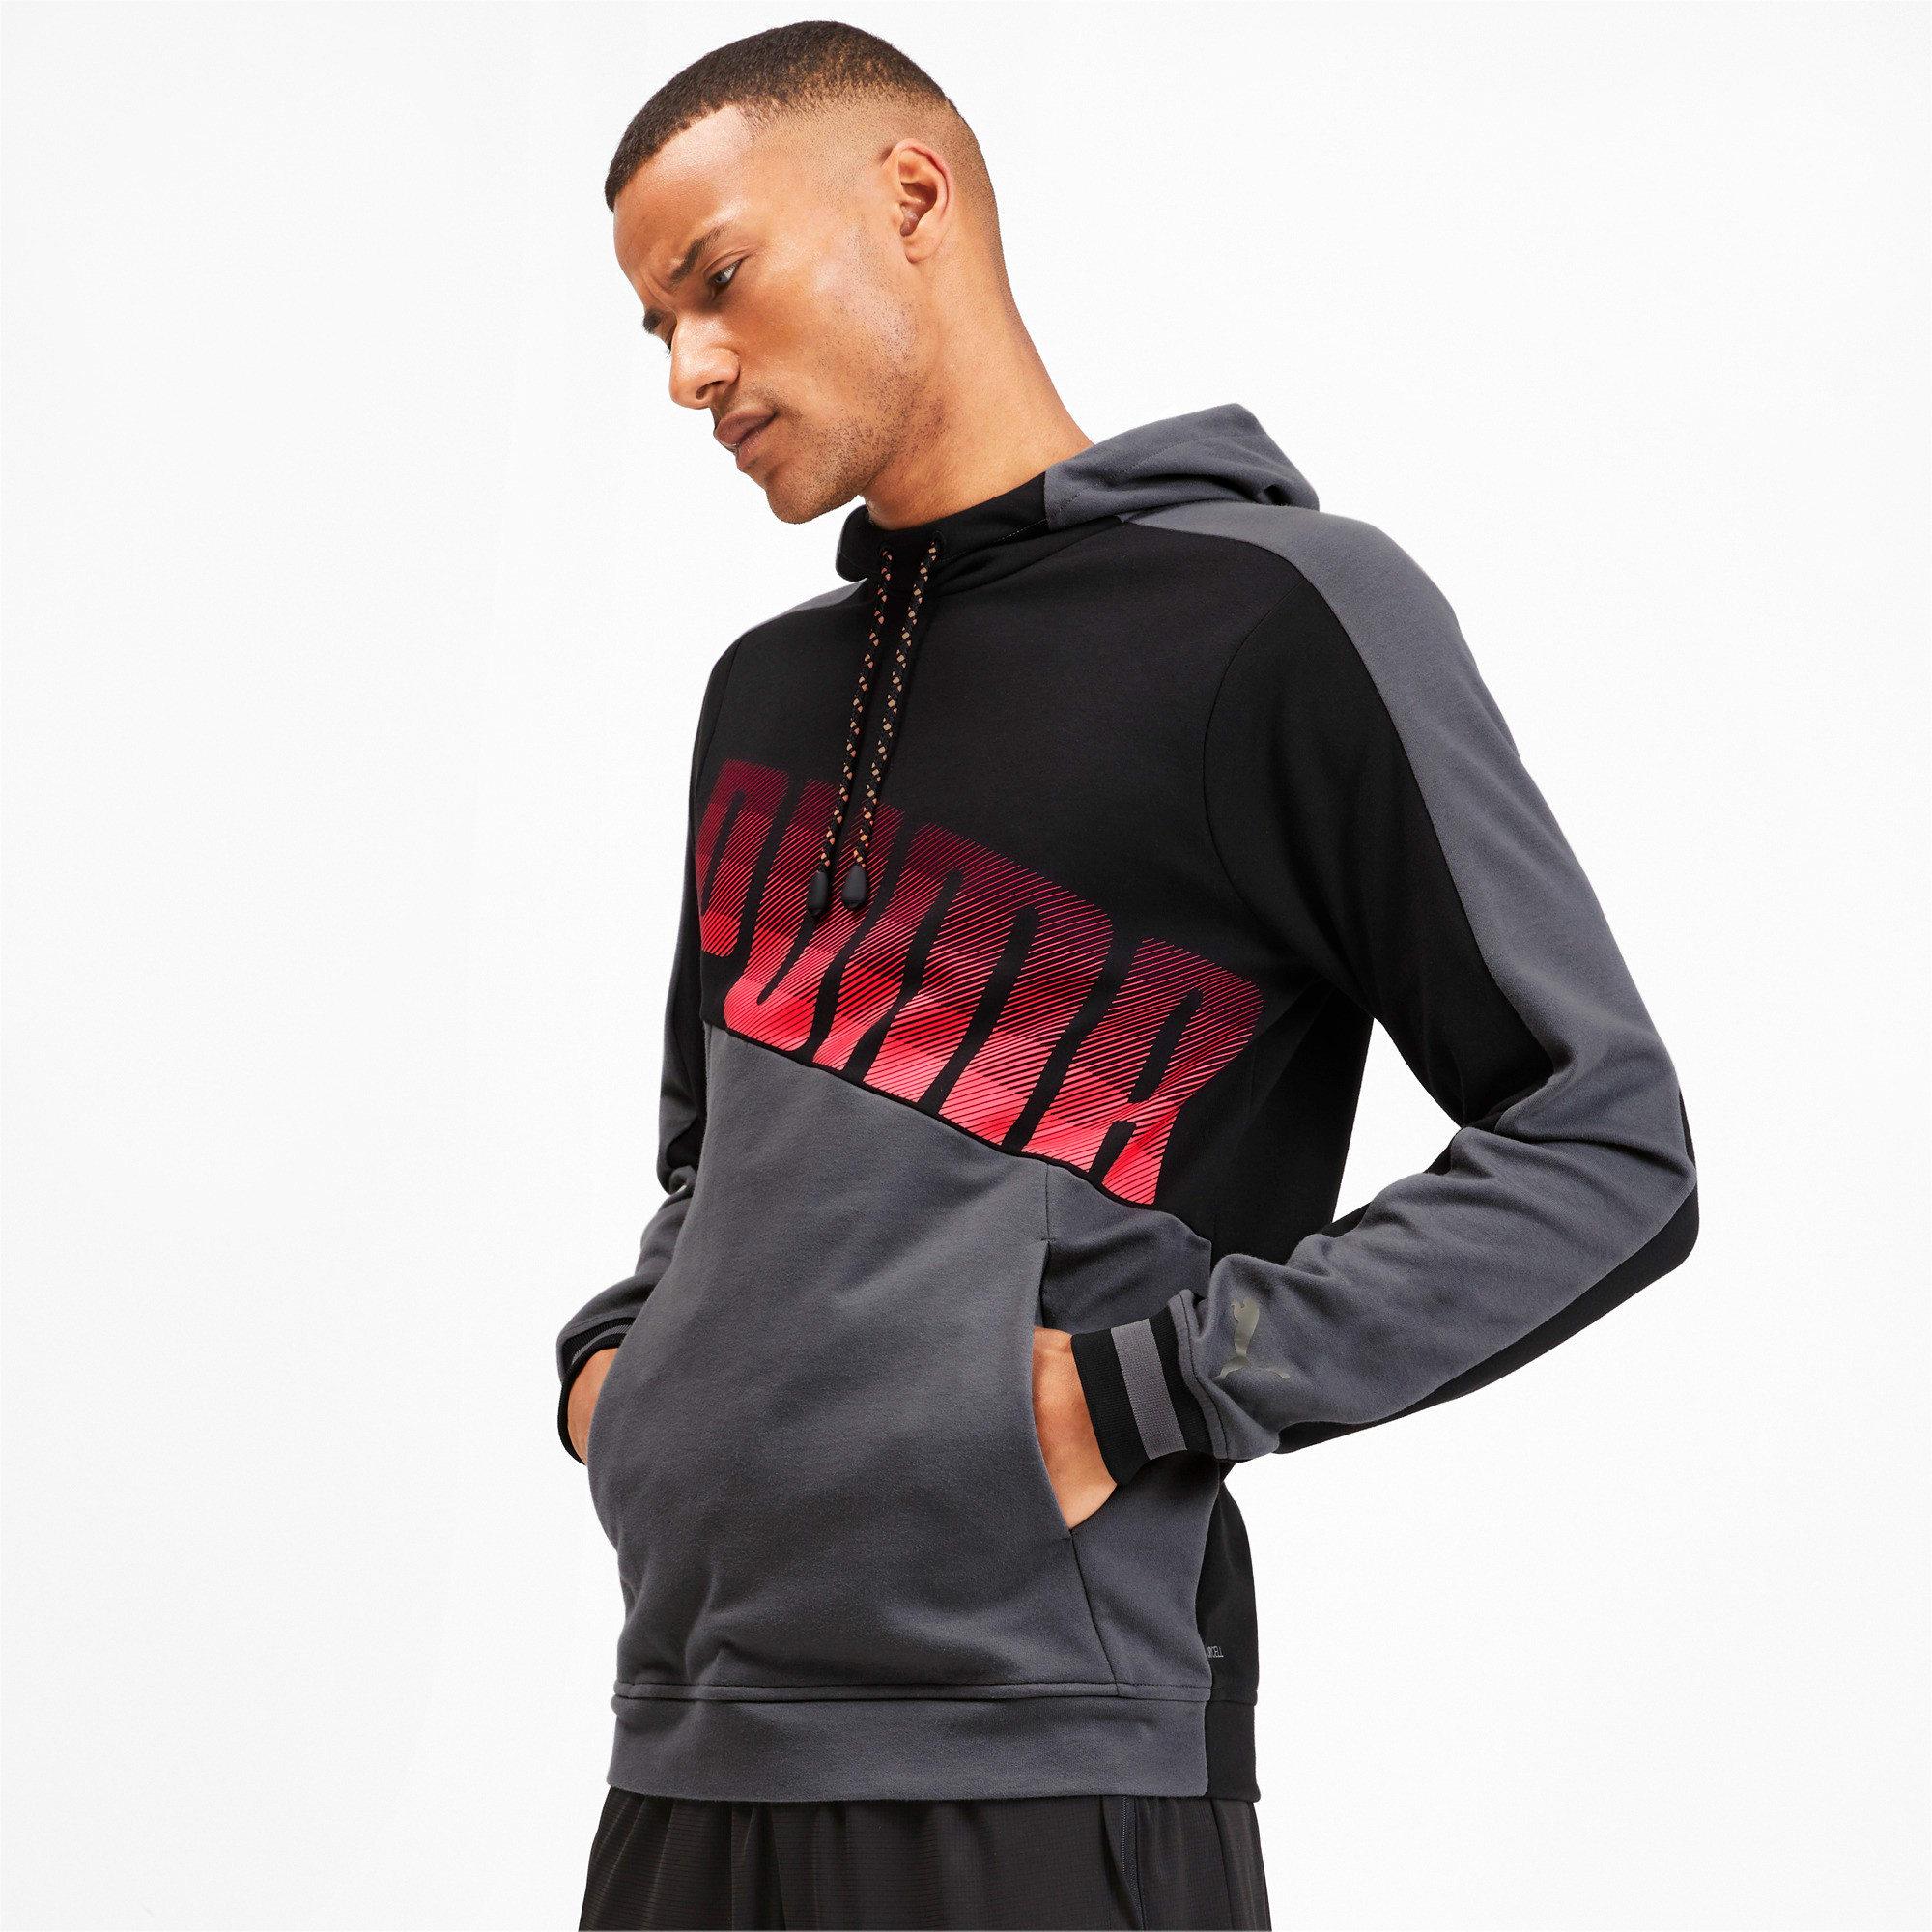 Thumbnail 1 of Collective hoodie voor heren, CASTLEROCK-Puma Black, medium